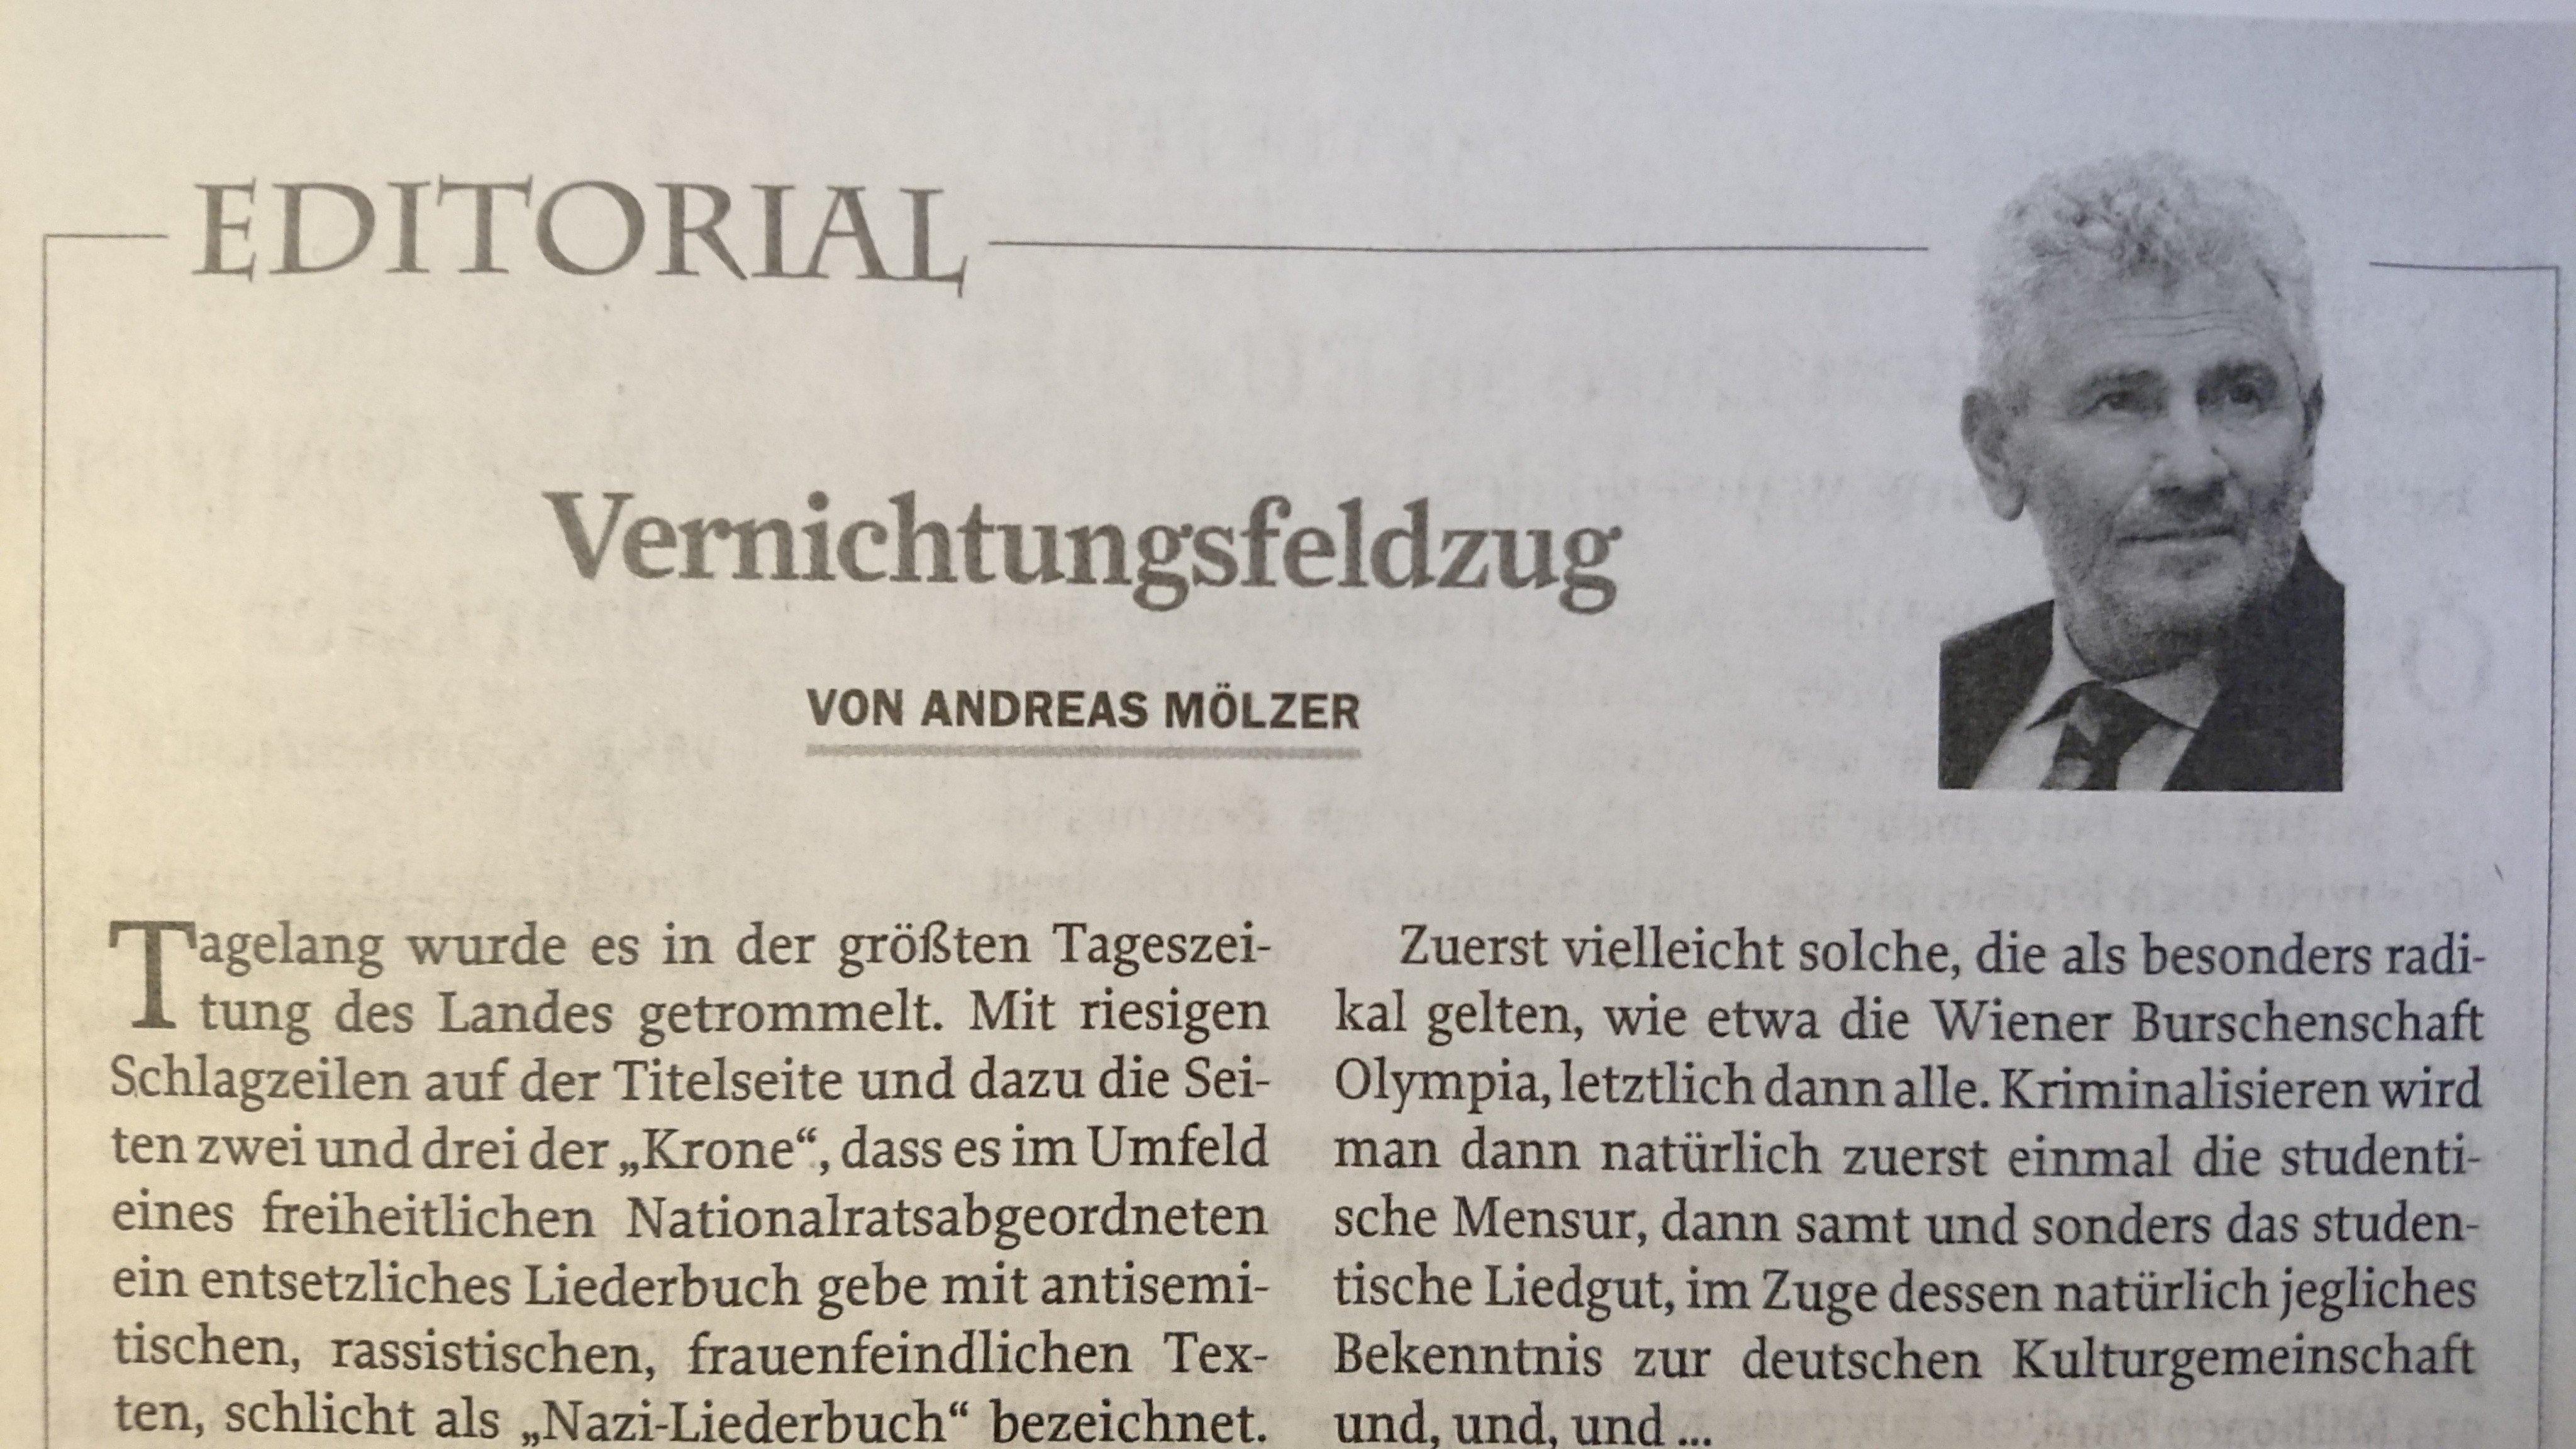 """Andreas Mölzer in Zur Zeit: """"Vernichtungsfeldzug"""""""